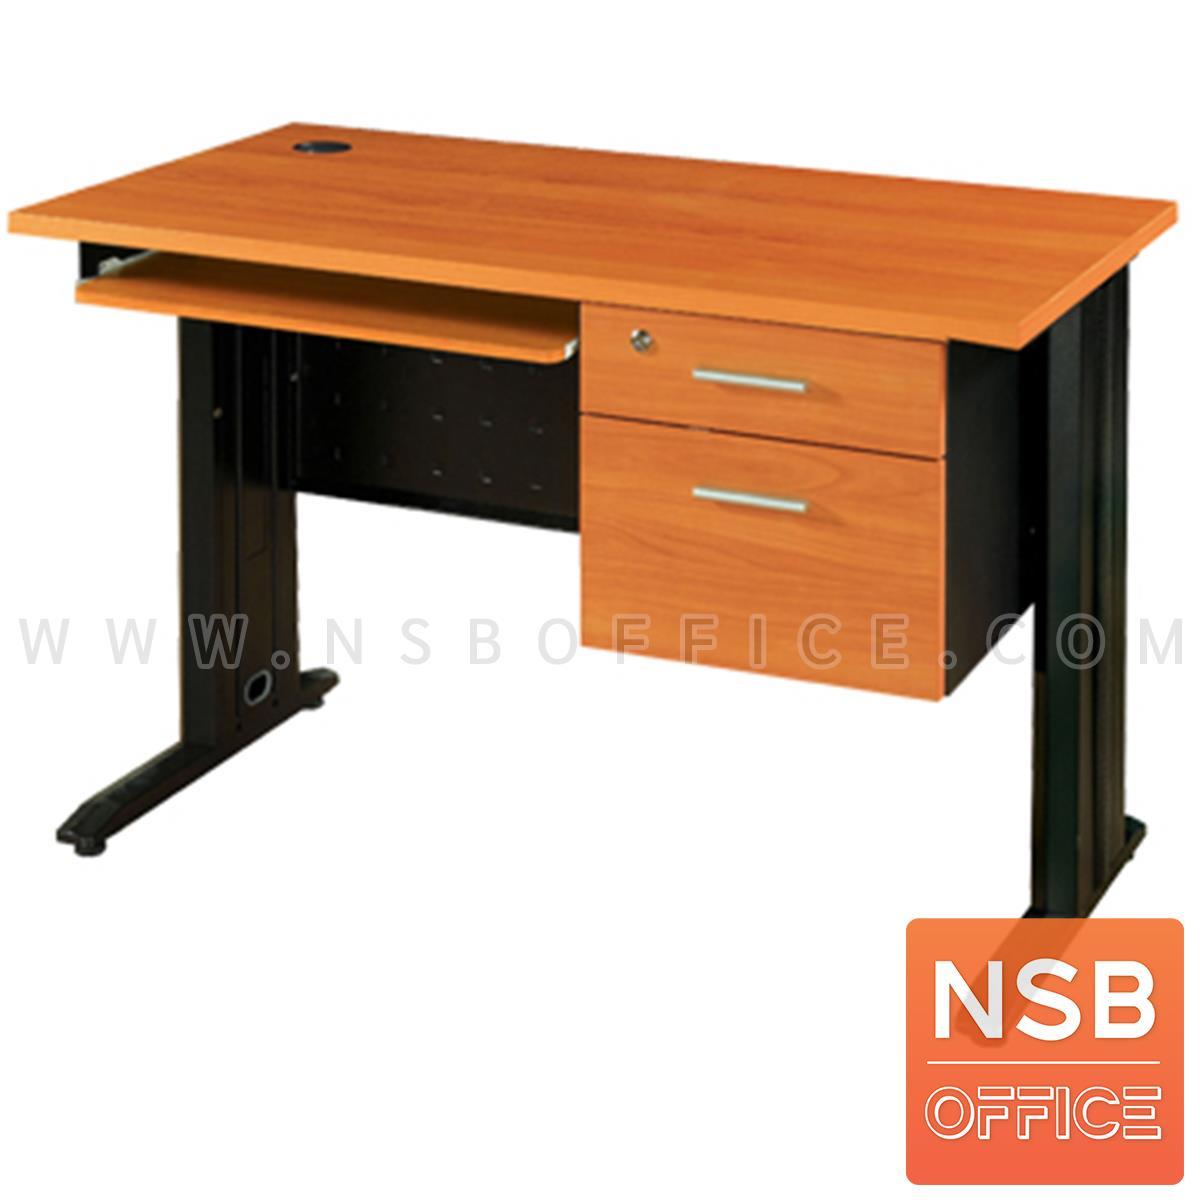 A10A001:โต๊ะคอมพิวเตอร์ 2 ลิ้นชักข้าง ขนาด 120W*75H cm. พร้อมรางคีย์บอร์ด  รุ่น S-CD-2021  ขาเหล็กตัวแอลสีดำ